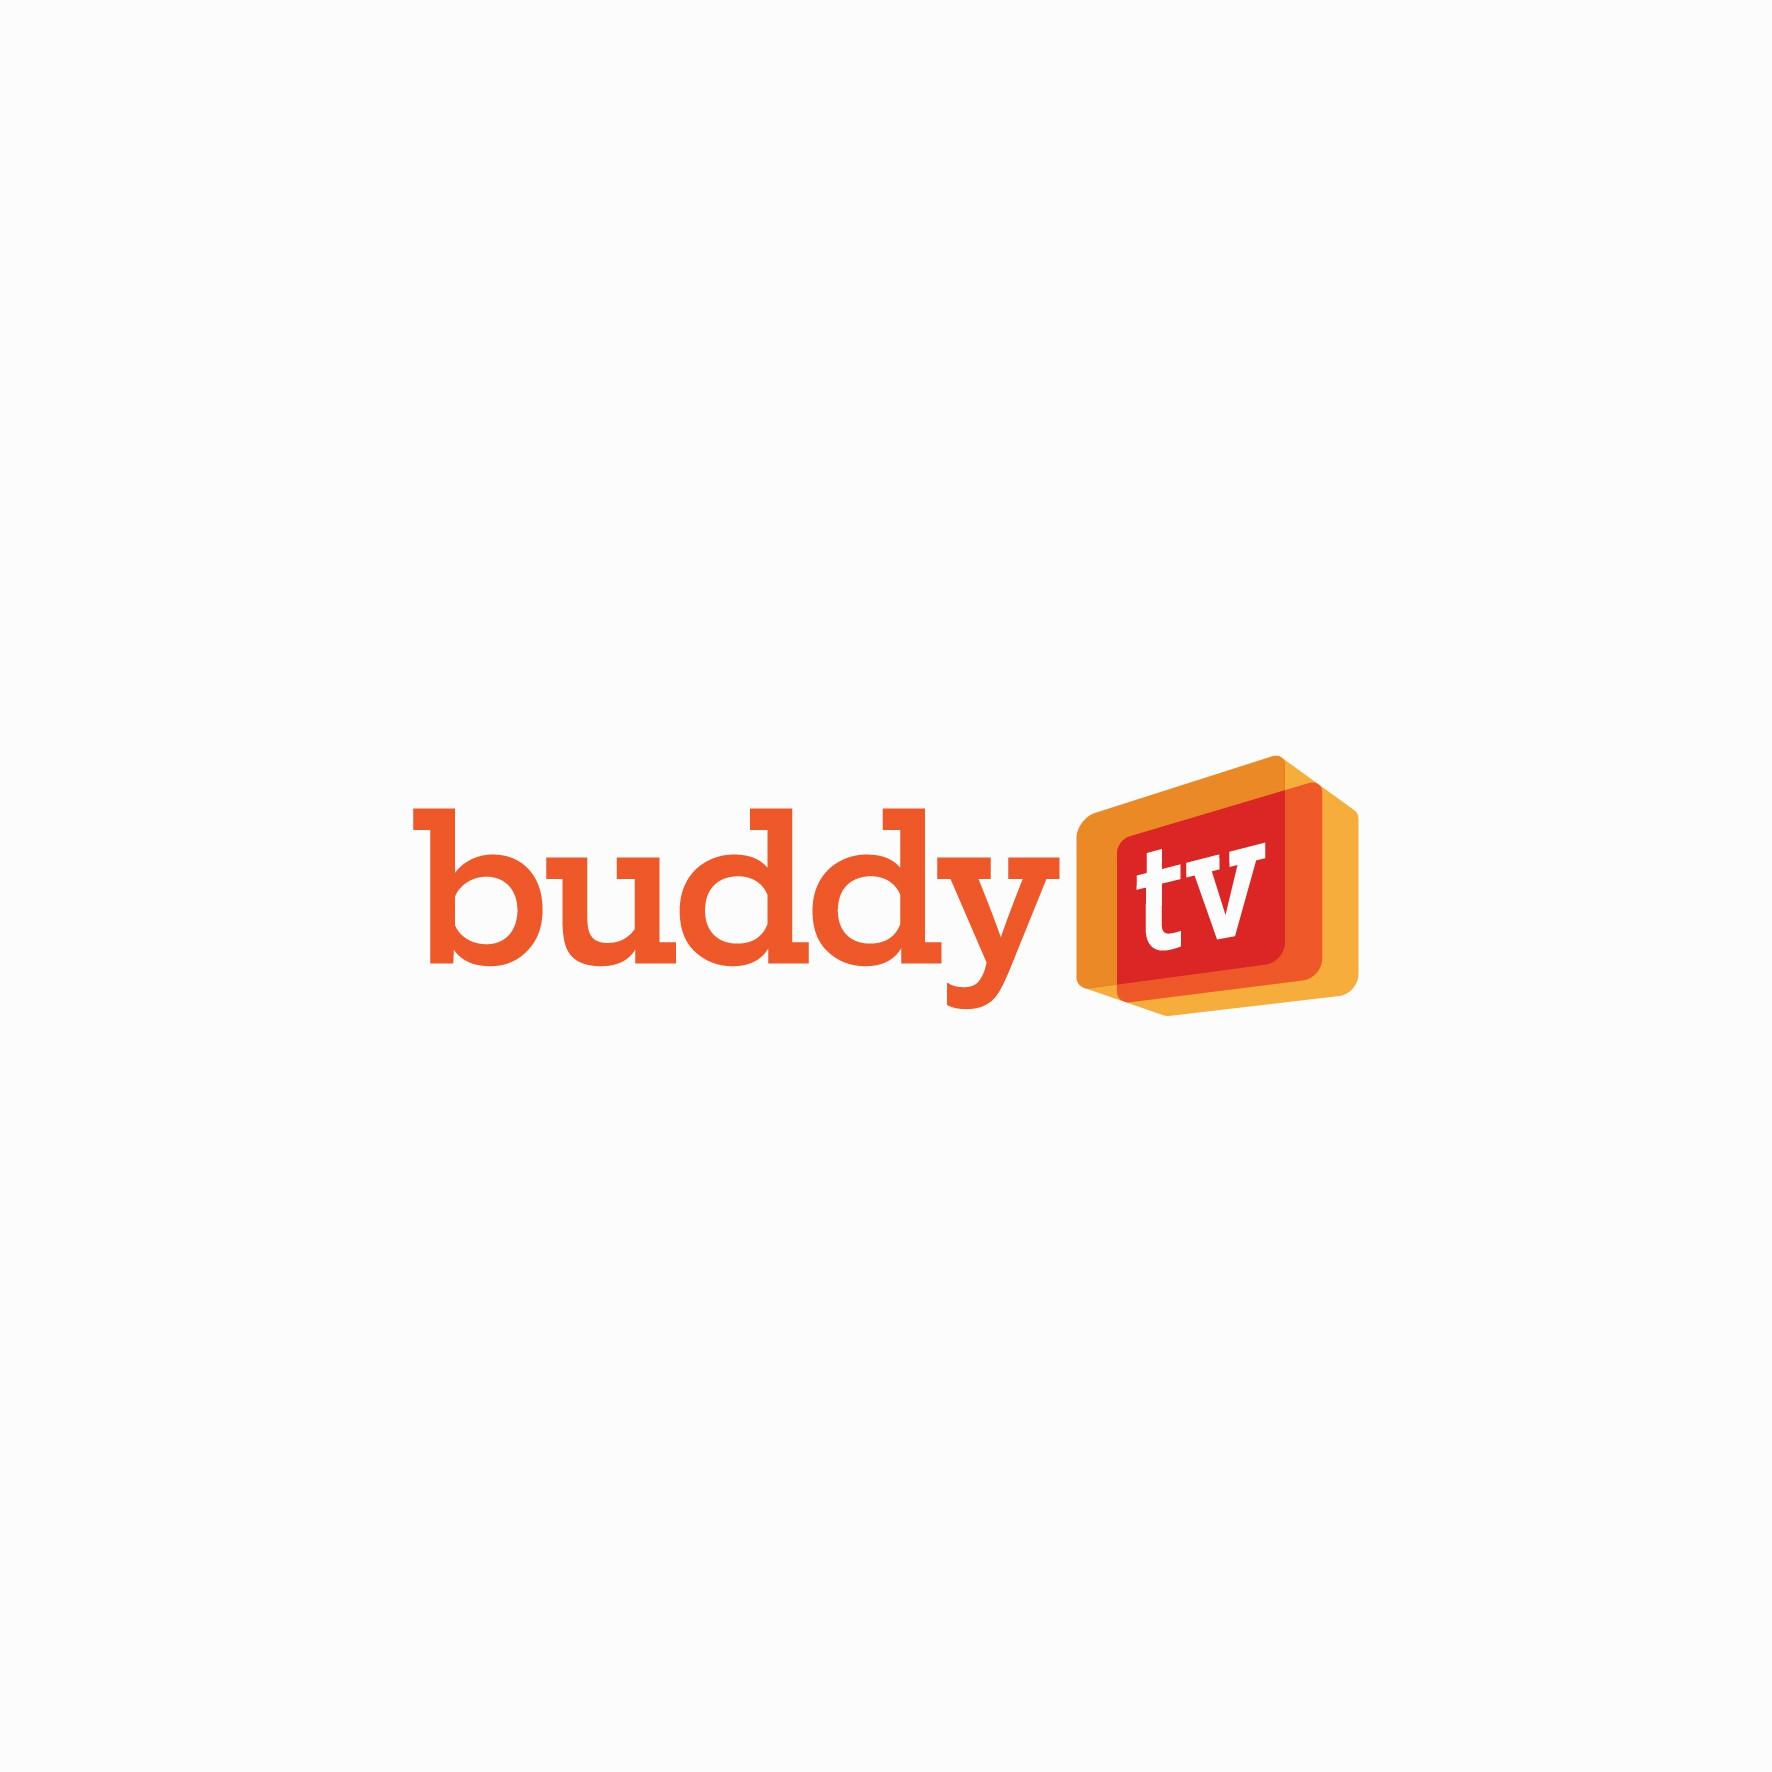 Buddytv.com